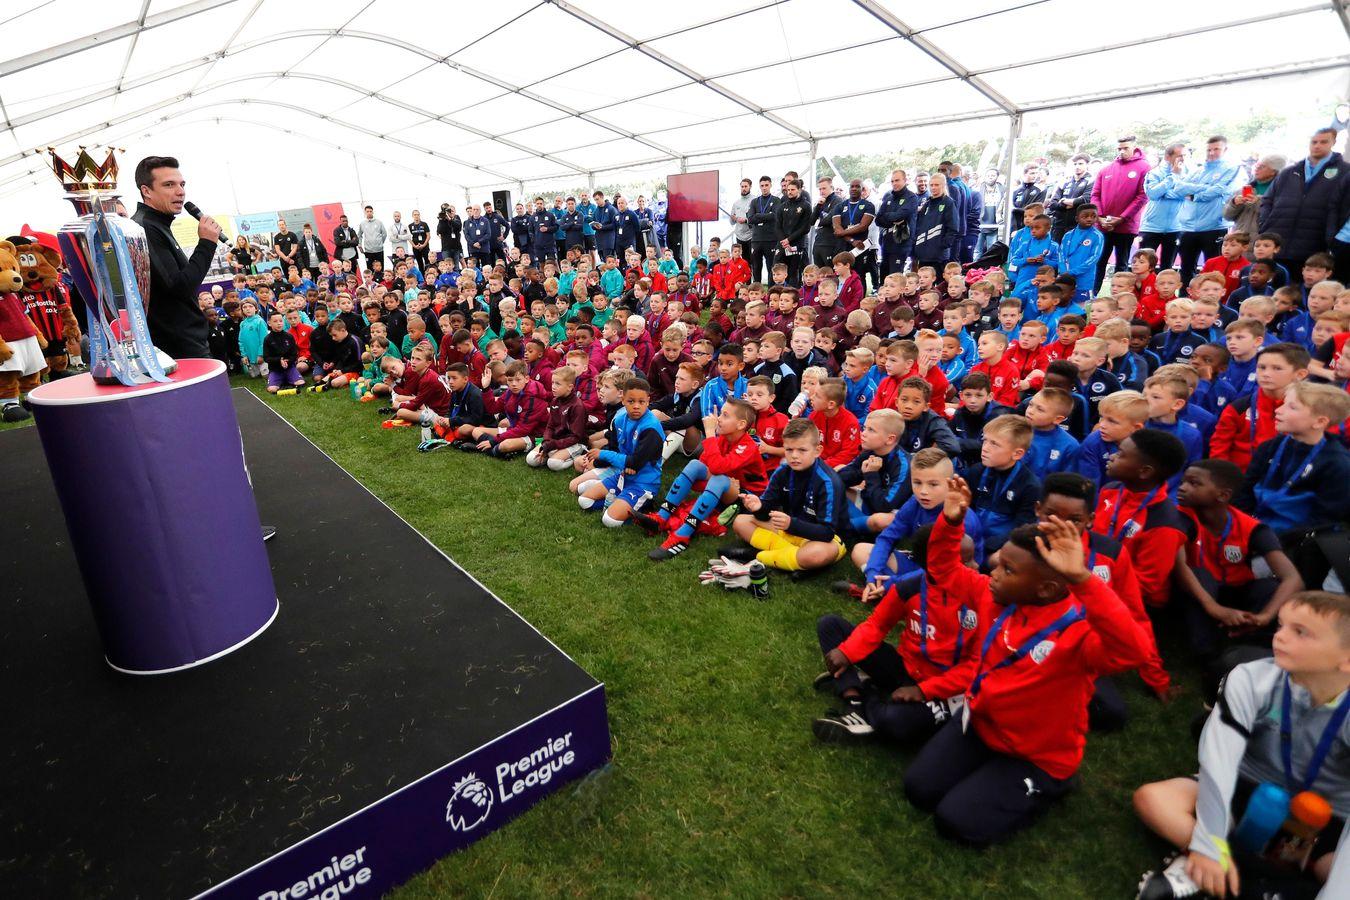 Premier League Under- 9 Welcome Festival 2018